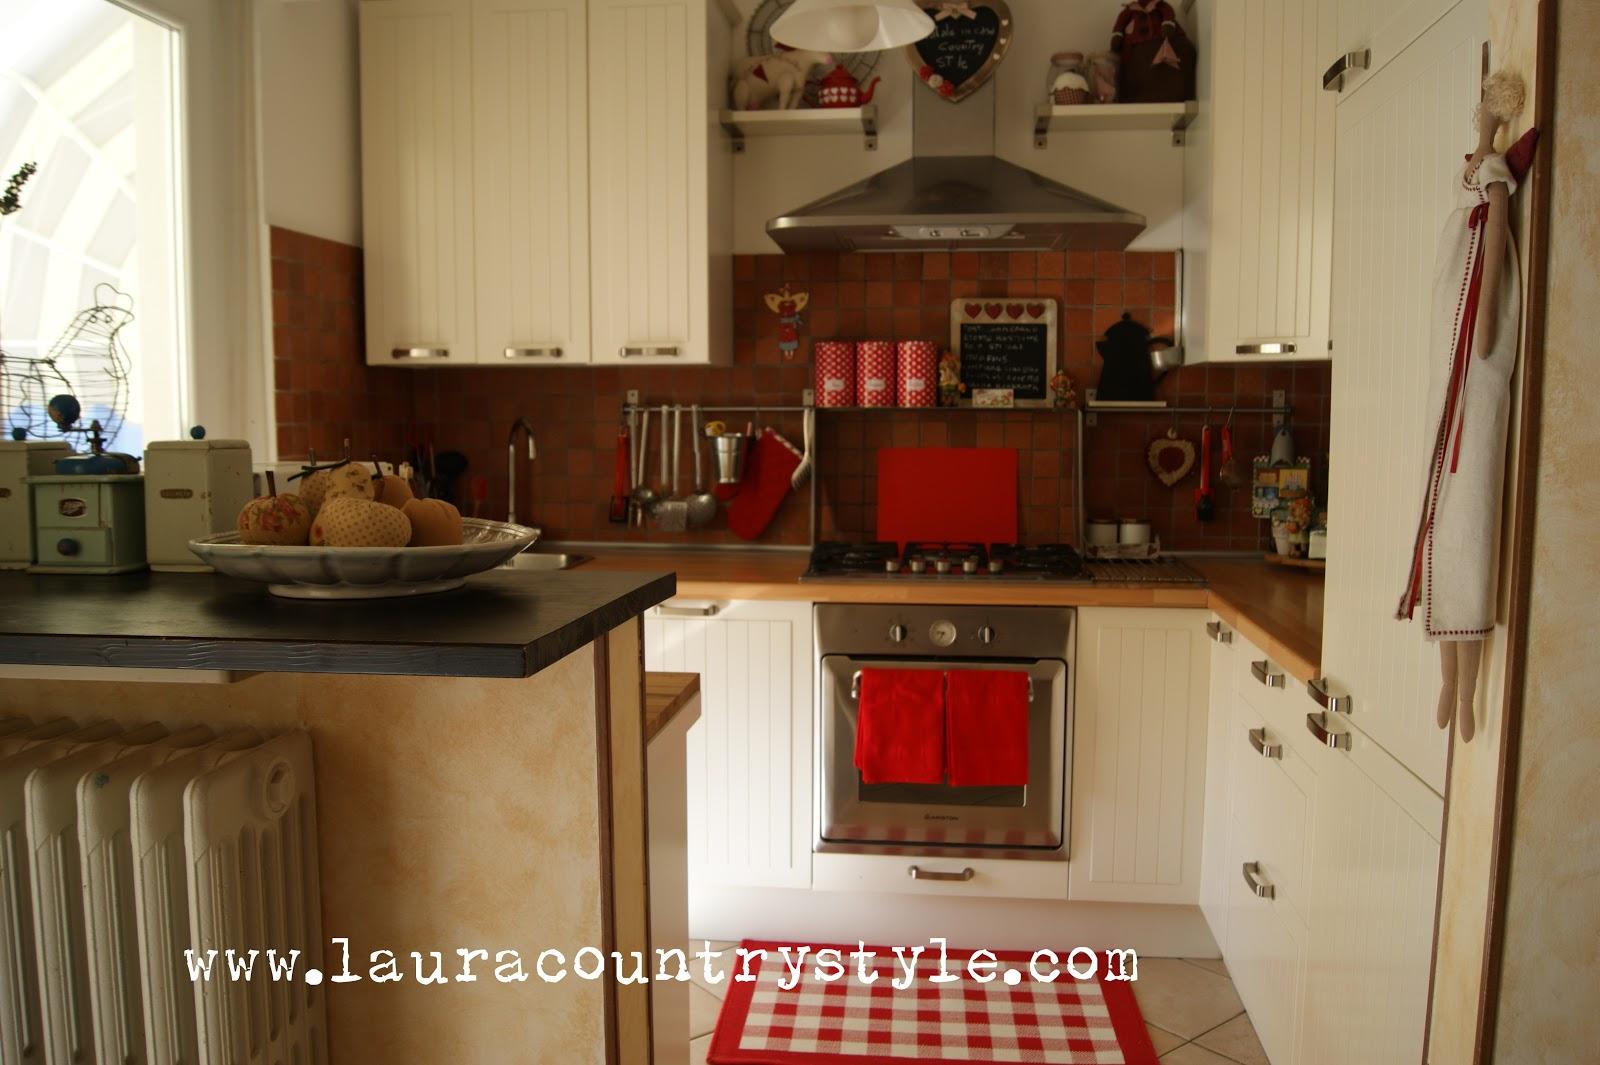 Laura country style di rosso vestita - Tappeto rosso ikea ...